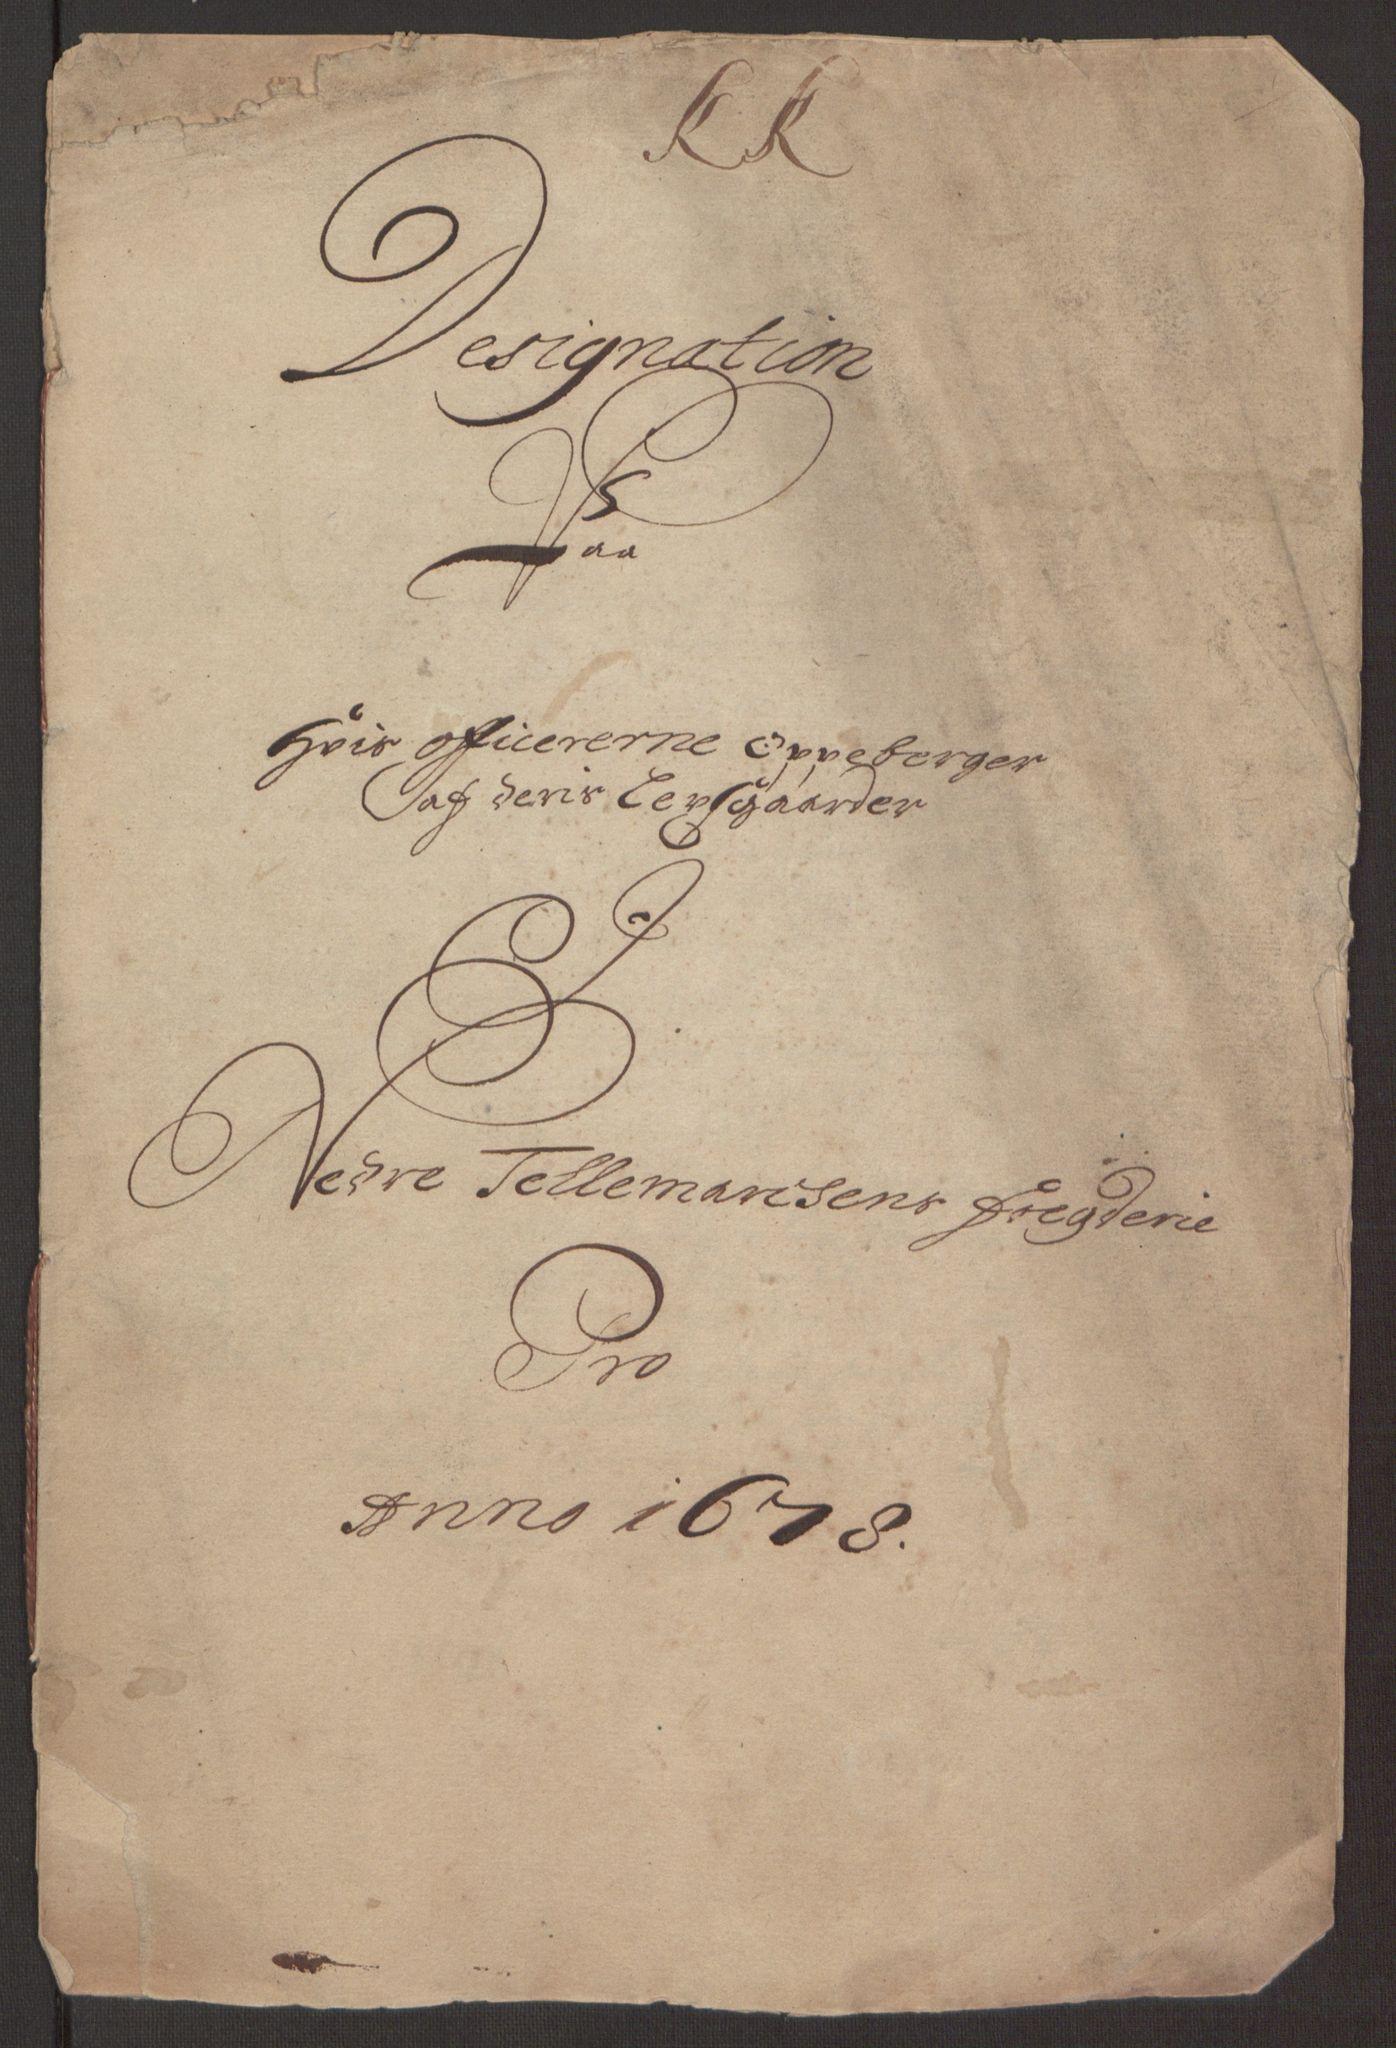 RA, Rentekammeret inntil 1814, Reviderte regnskaper, Fogderegnskap, R35/L2069: Fogderegnskap Øvre og Nedre Telemark, 1678, s. 239